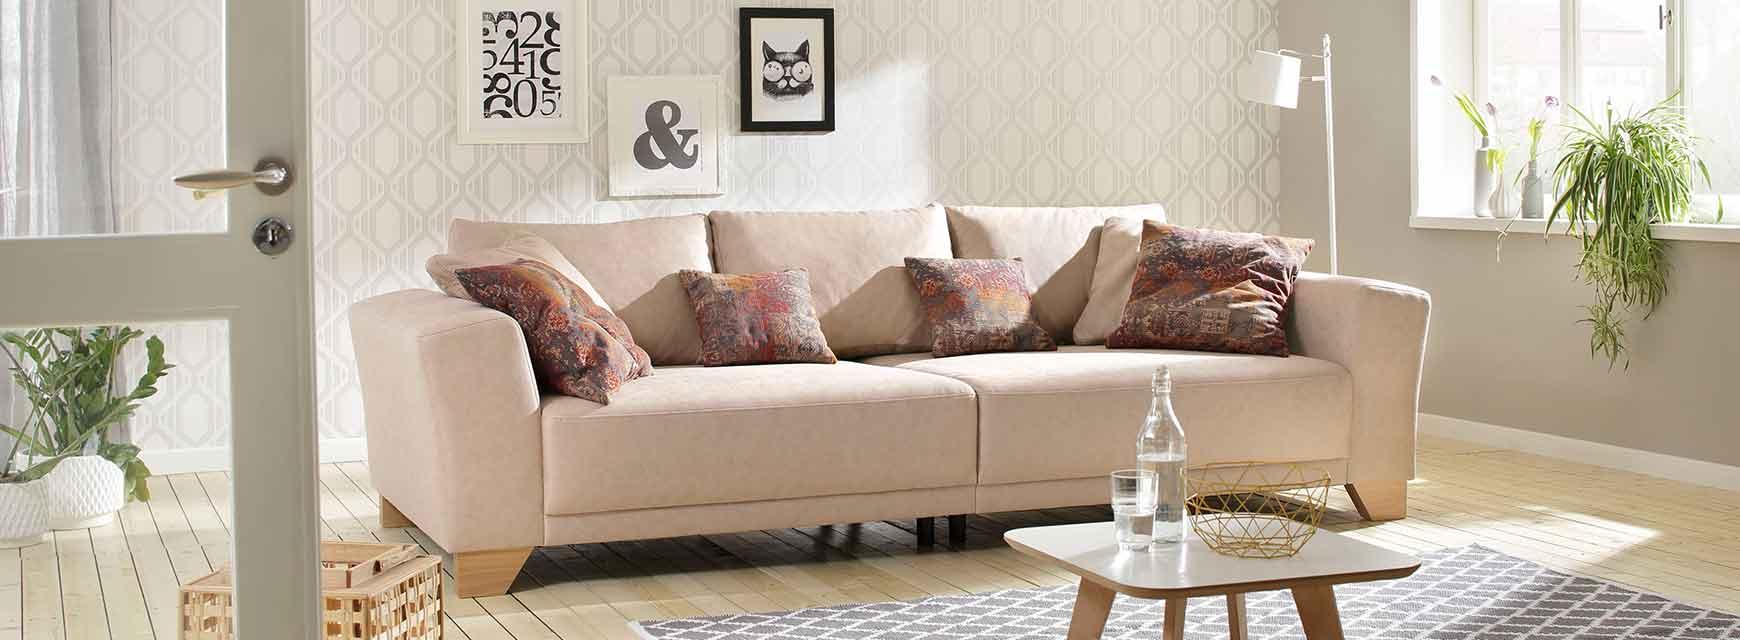 Full Size of Ledersofa Landhausstil Sofa Landhaus Couch Online Kaufen Naturloftde Schlafzimmer Bett Betten Küche Wohnzimmer Weiß Bad Boxspring Regal Esstisch Wohnzimmer Ledersofa Landhausstil